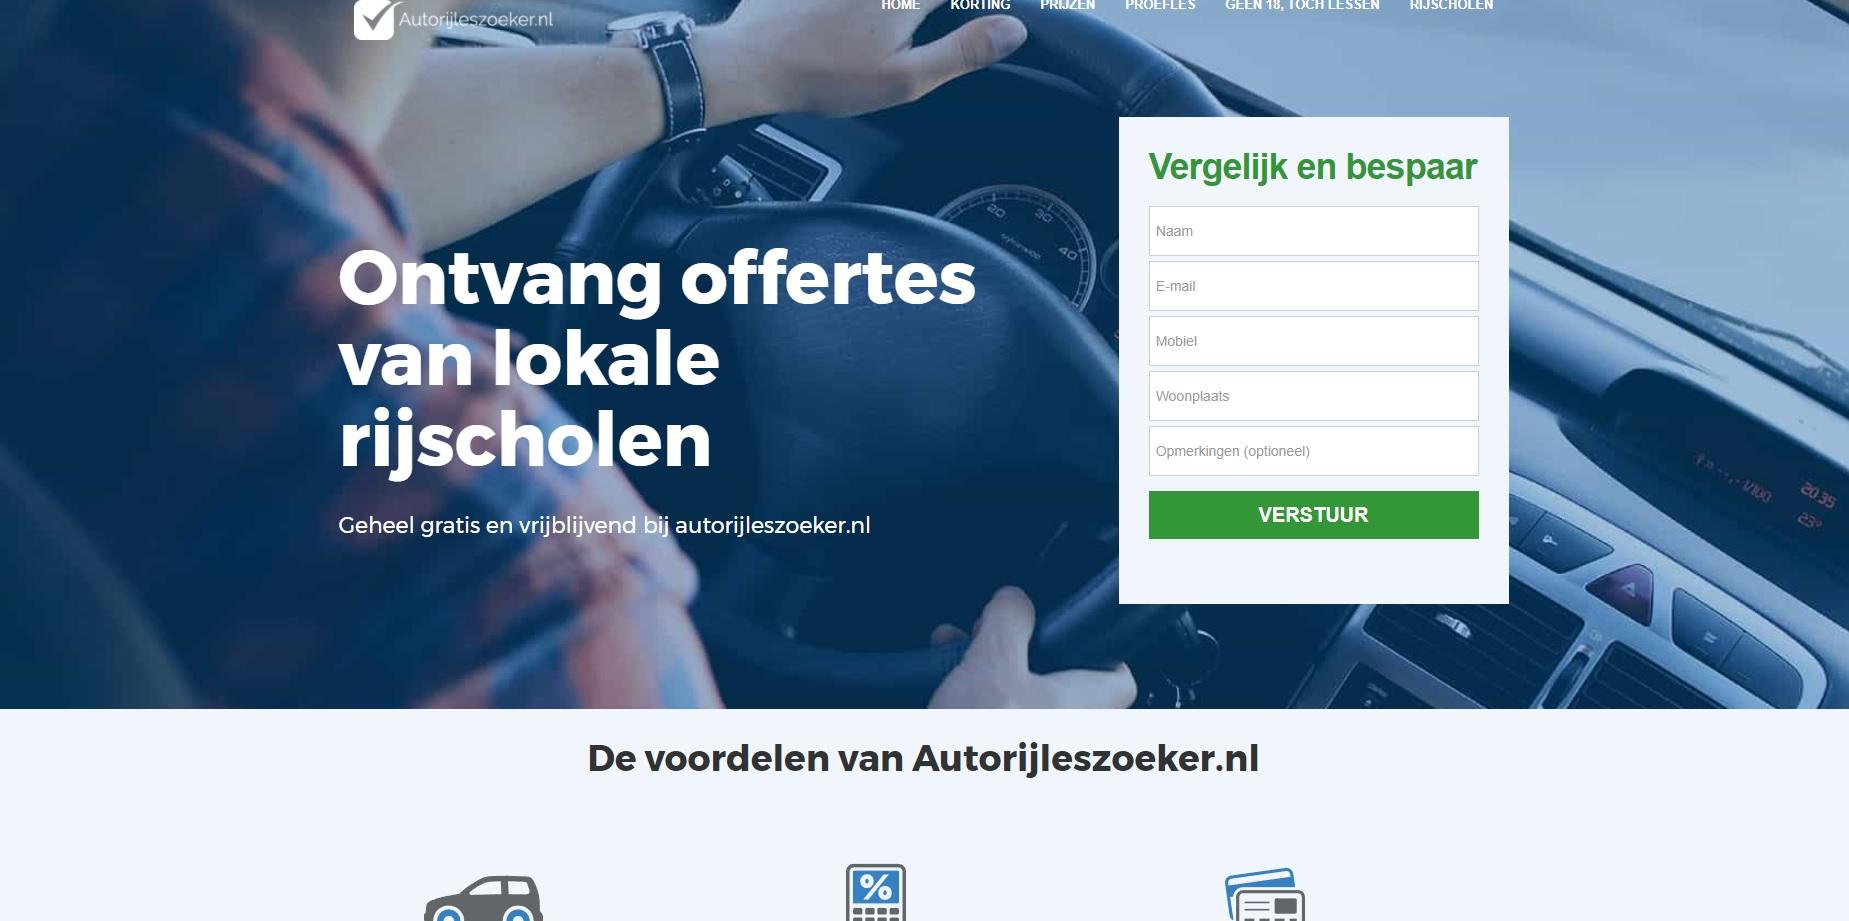 Ziecro bouwt de website Autorijleszoeker.nl